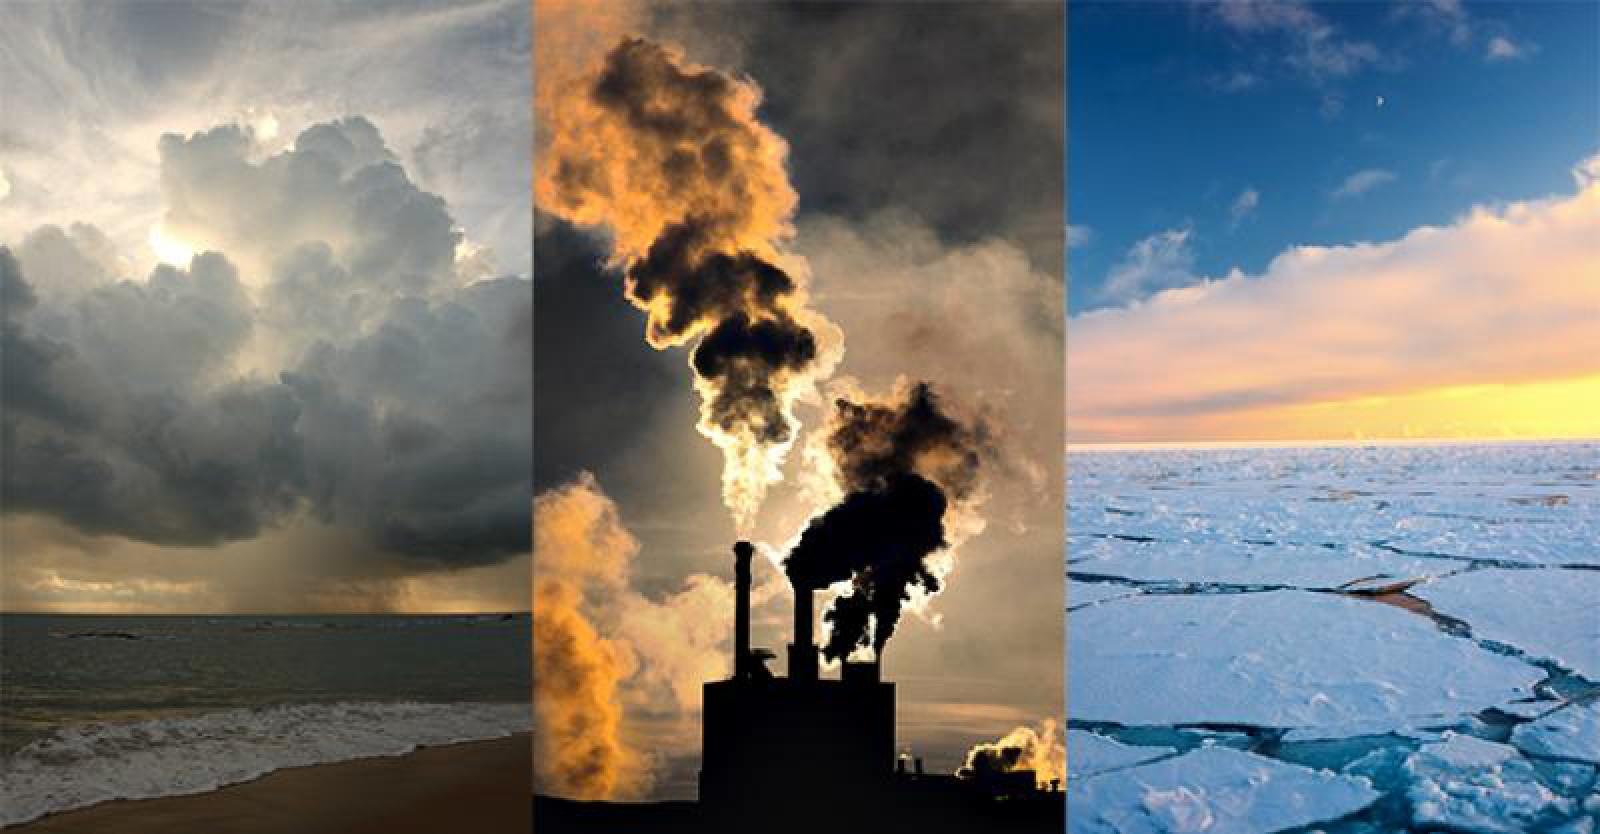 Raport publicat de Administraţia Naţională Oceanică şi Atmosferică despre încălzirea globală